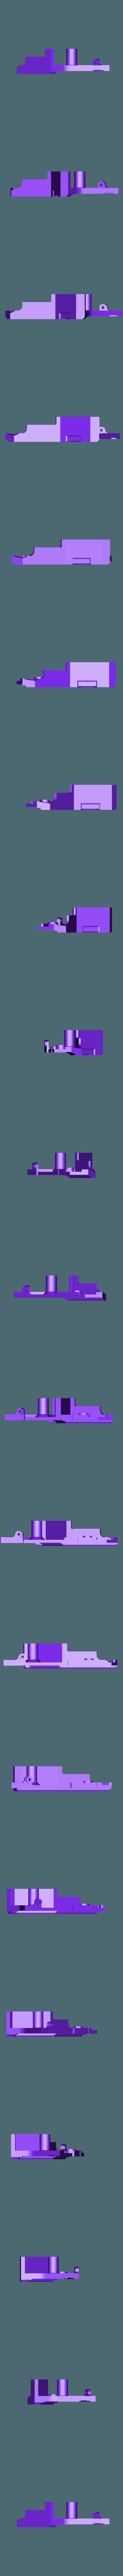 trigger_cover_left.stl Télécharger fichier STL gratuit EPIC 6 stage coilgun • Objet pour impression 3D, Gyro